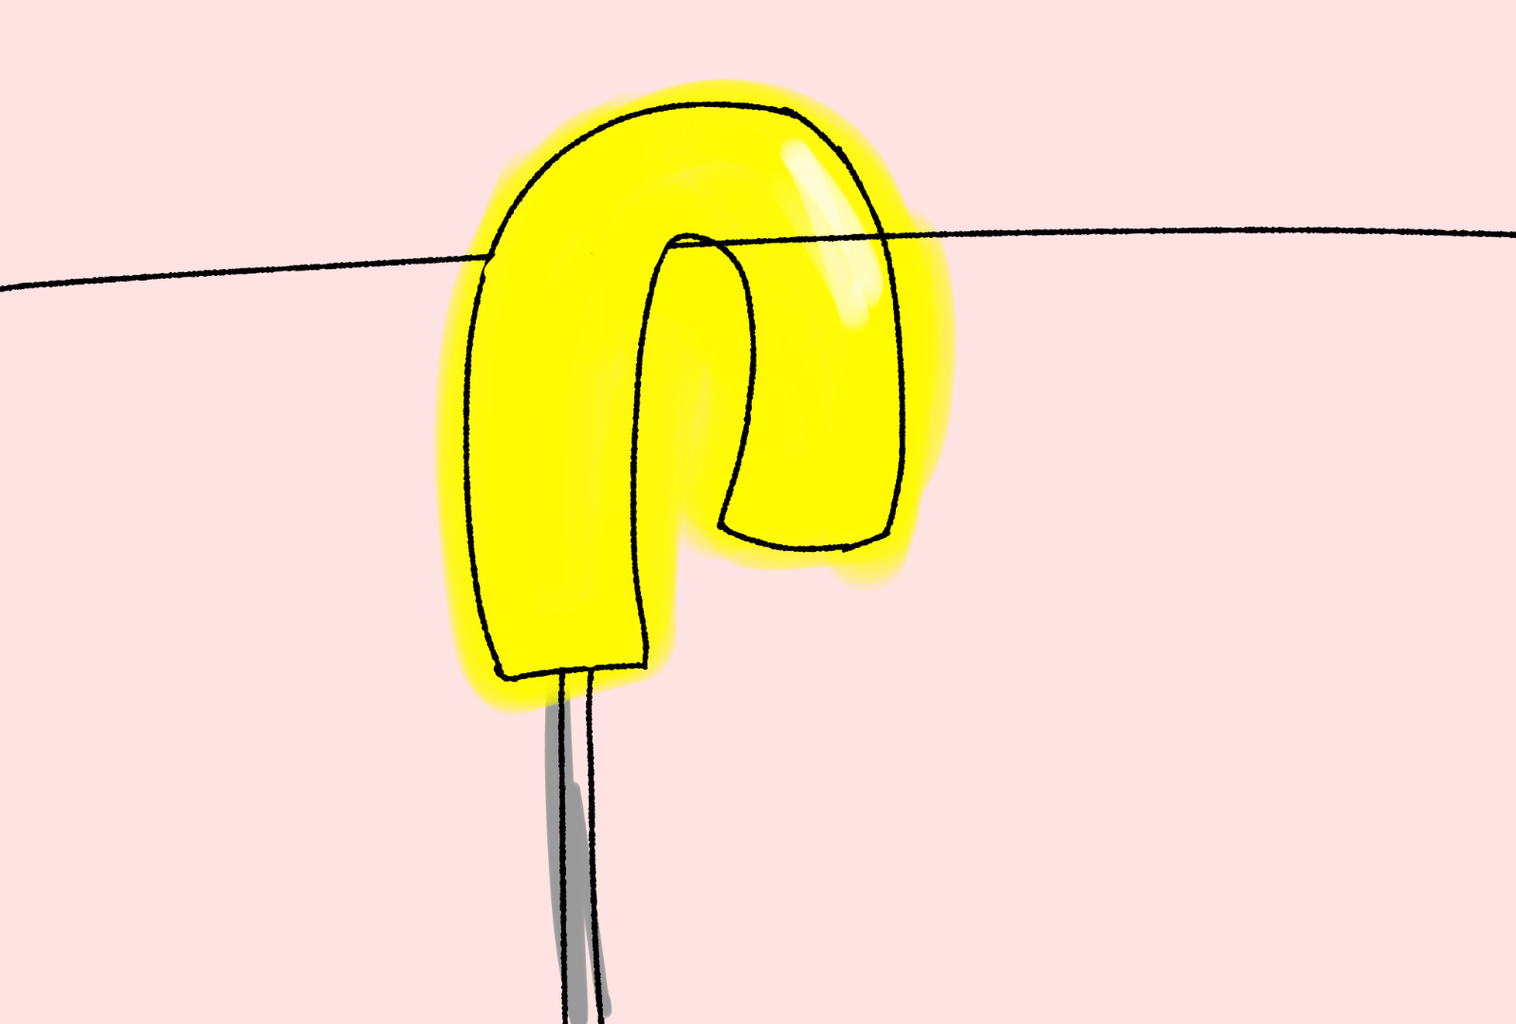 Hang the Umbrella Upside Down